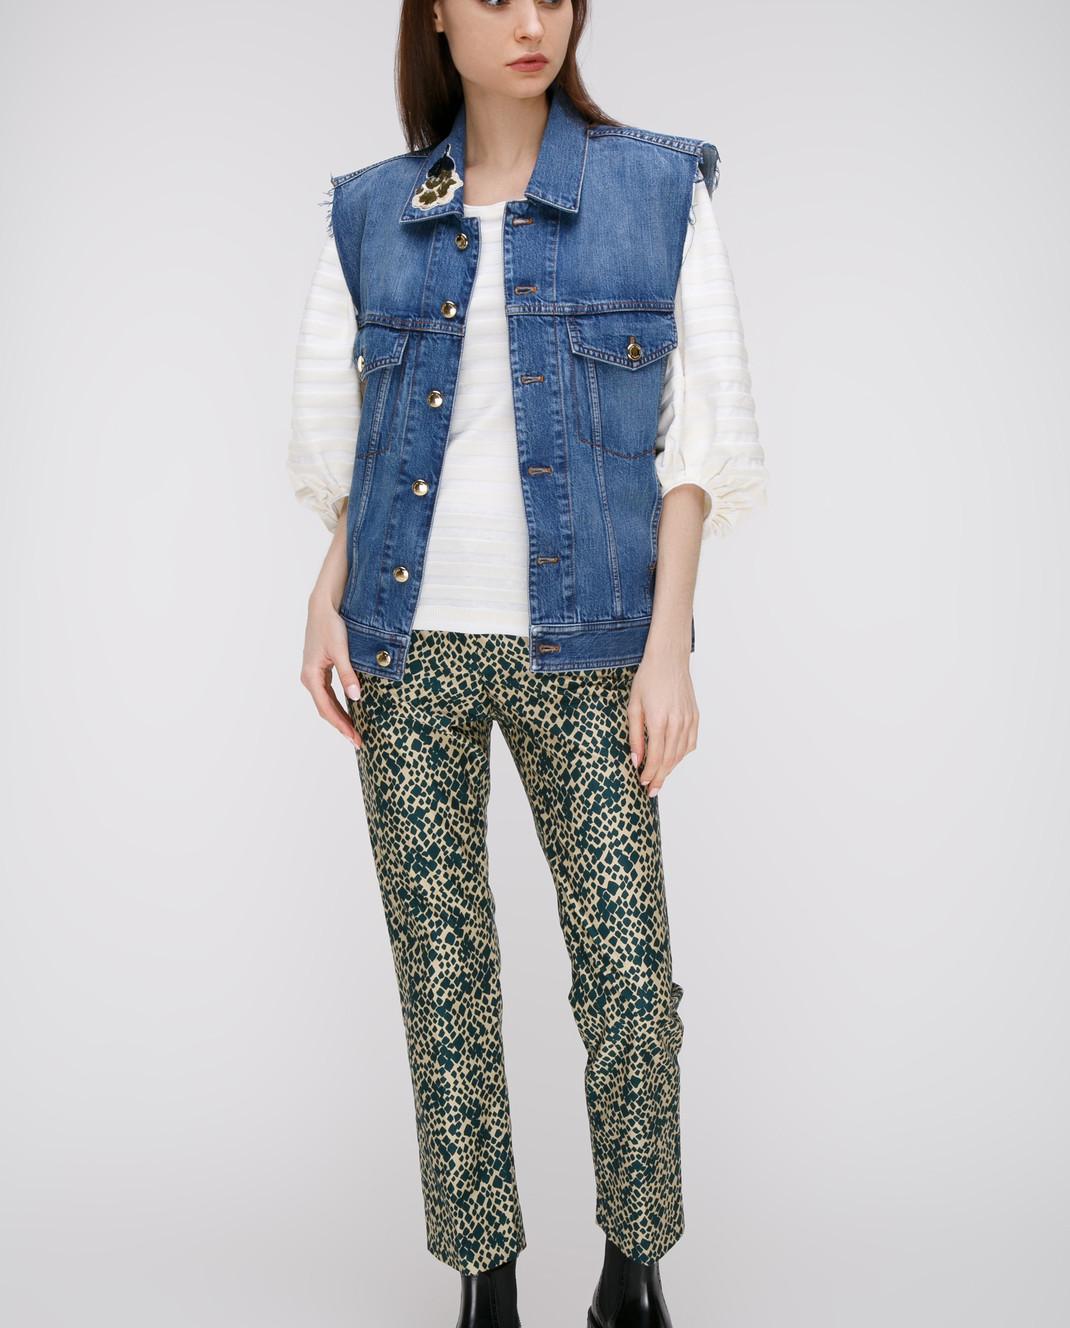 Sonia Rykiel Зеленые брюки 17331338 изображение 2